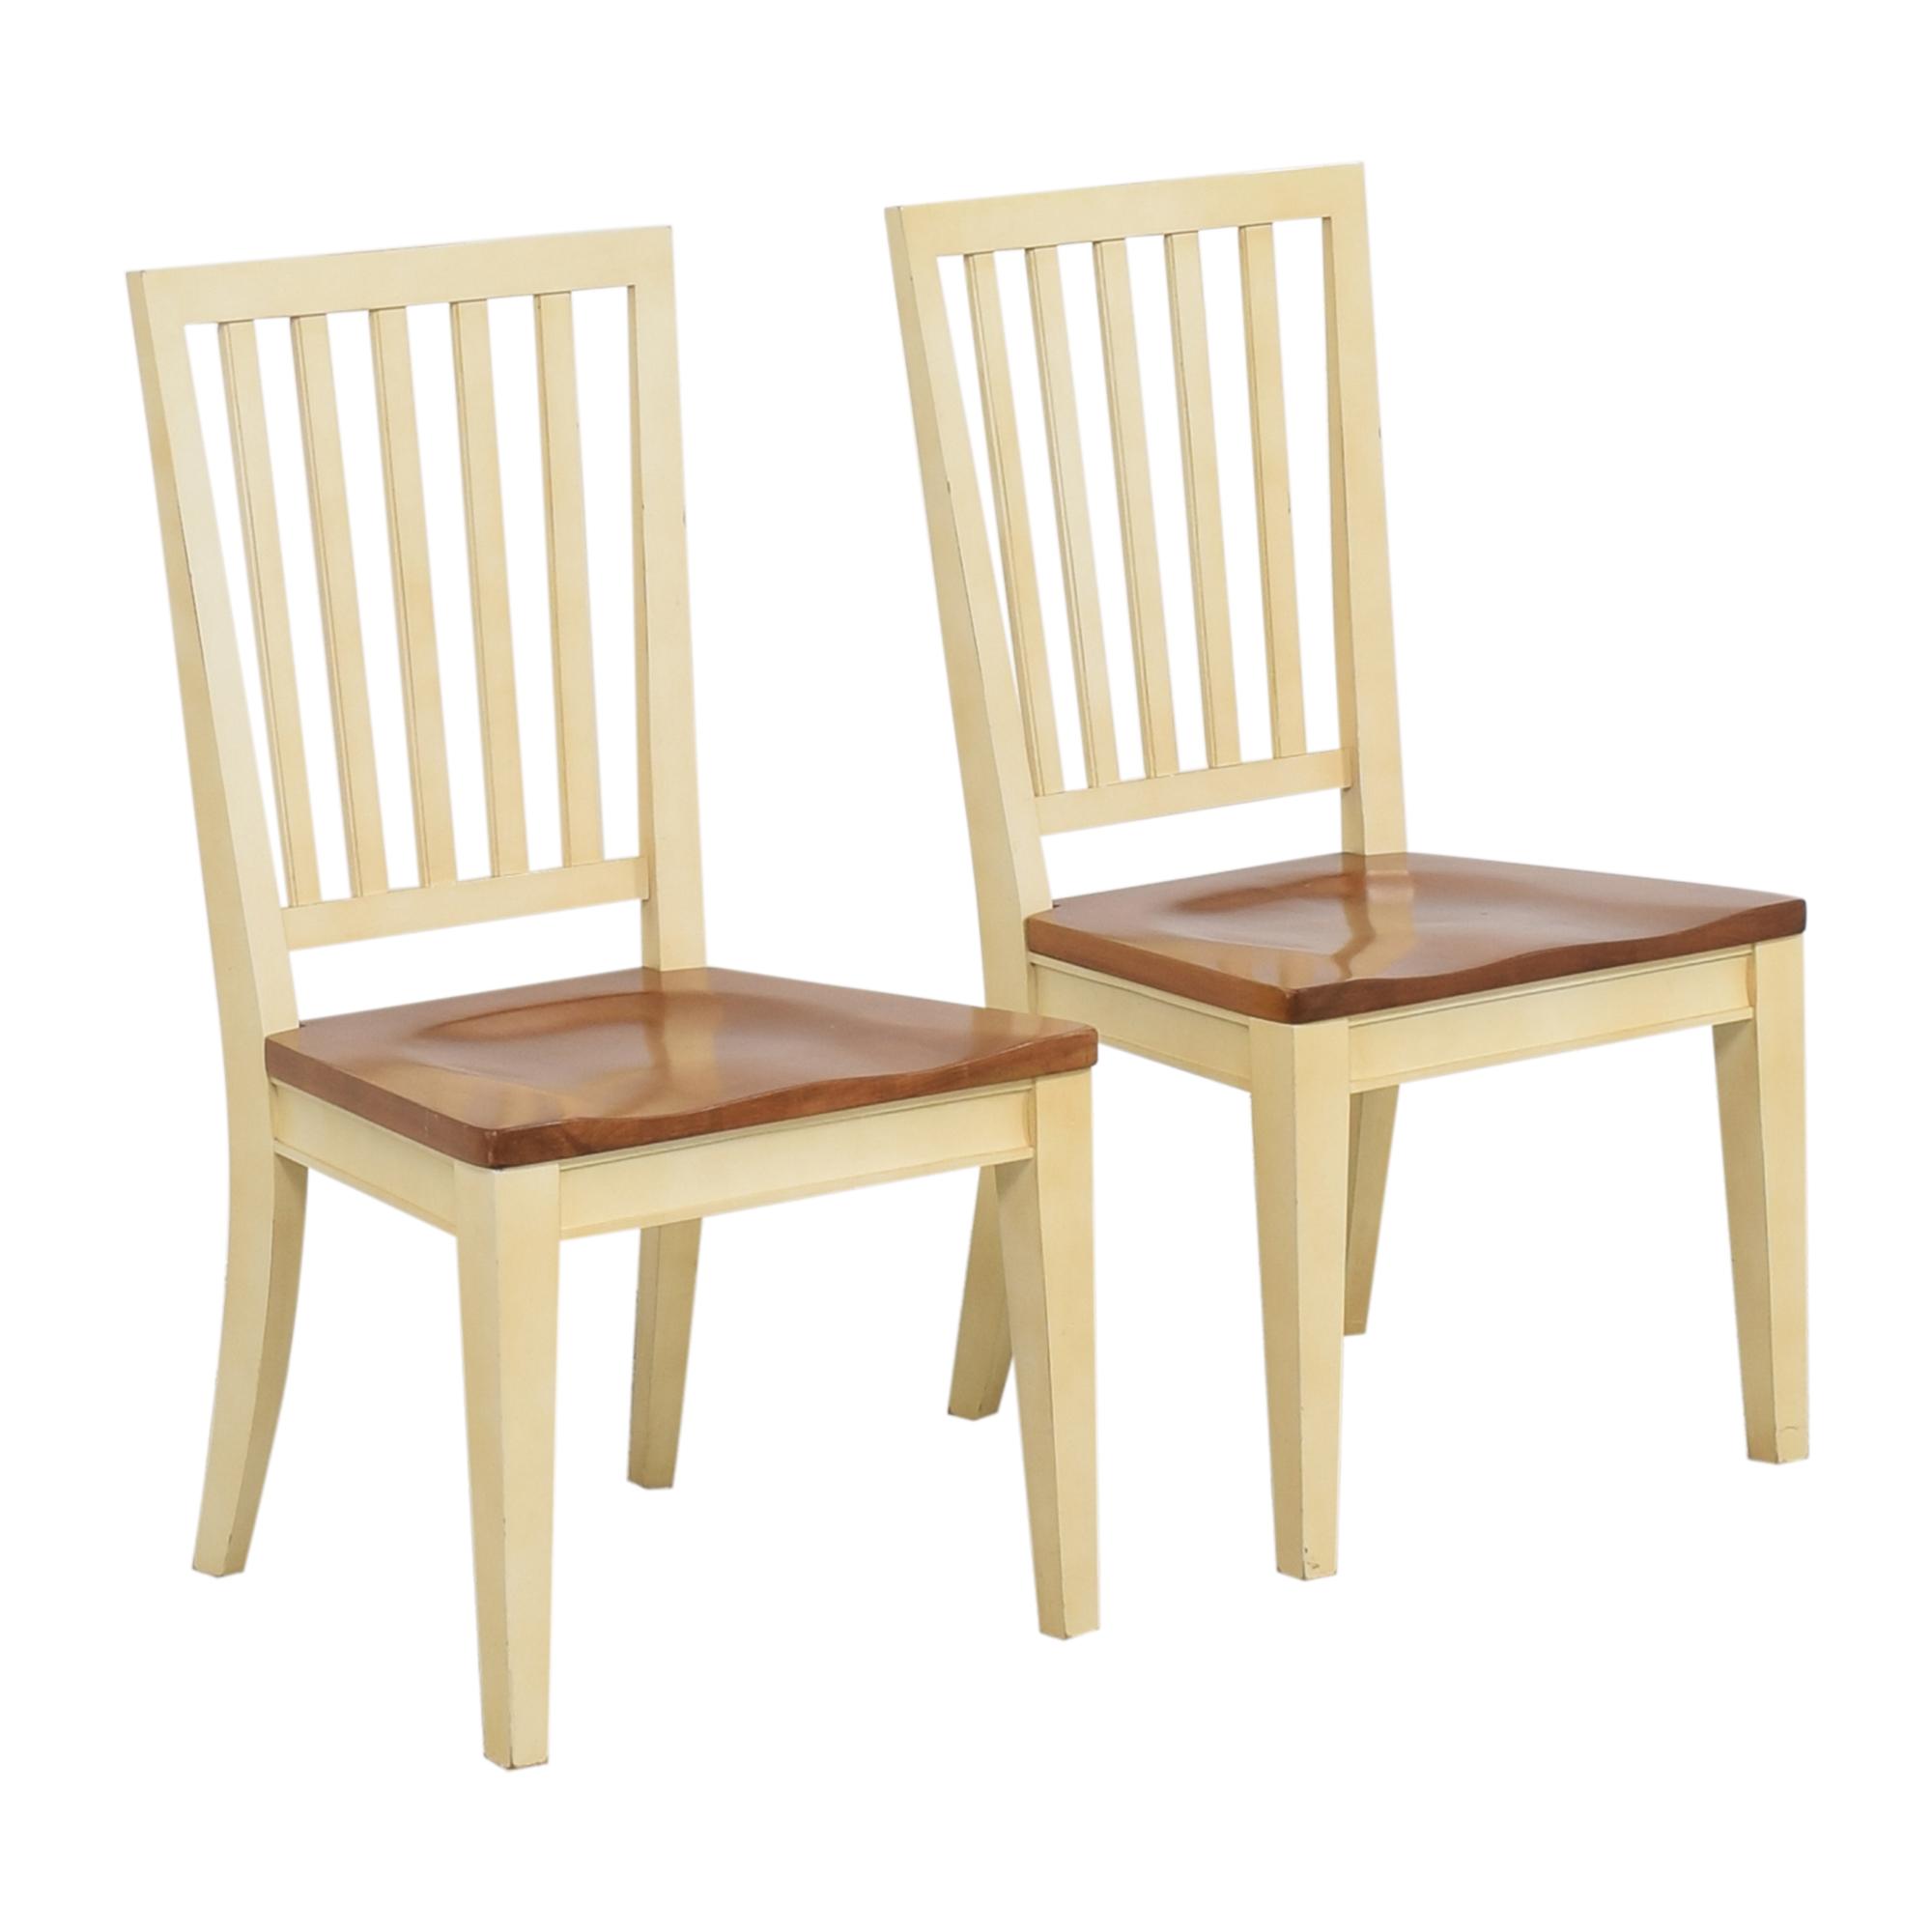 Ethan Allen Ethan Allen Dining Chairs brown, cream